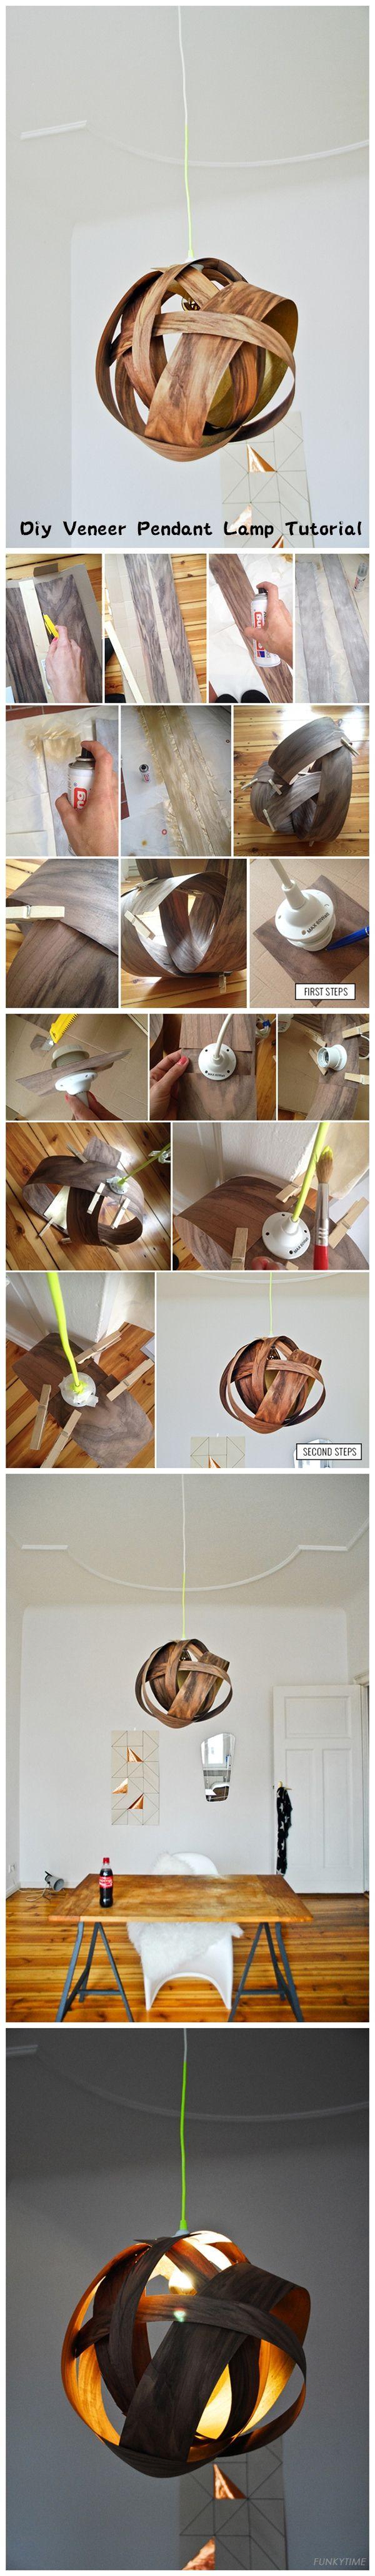 Diy Veneer Pendant Lamp Tutorial